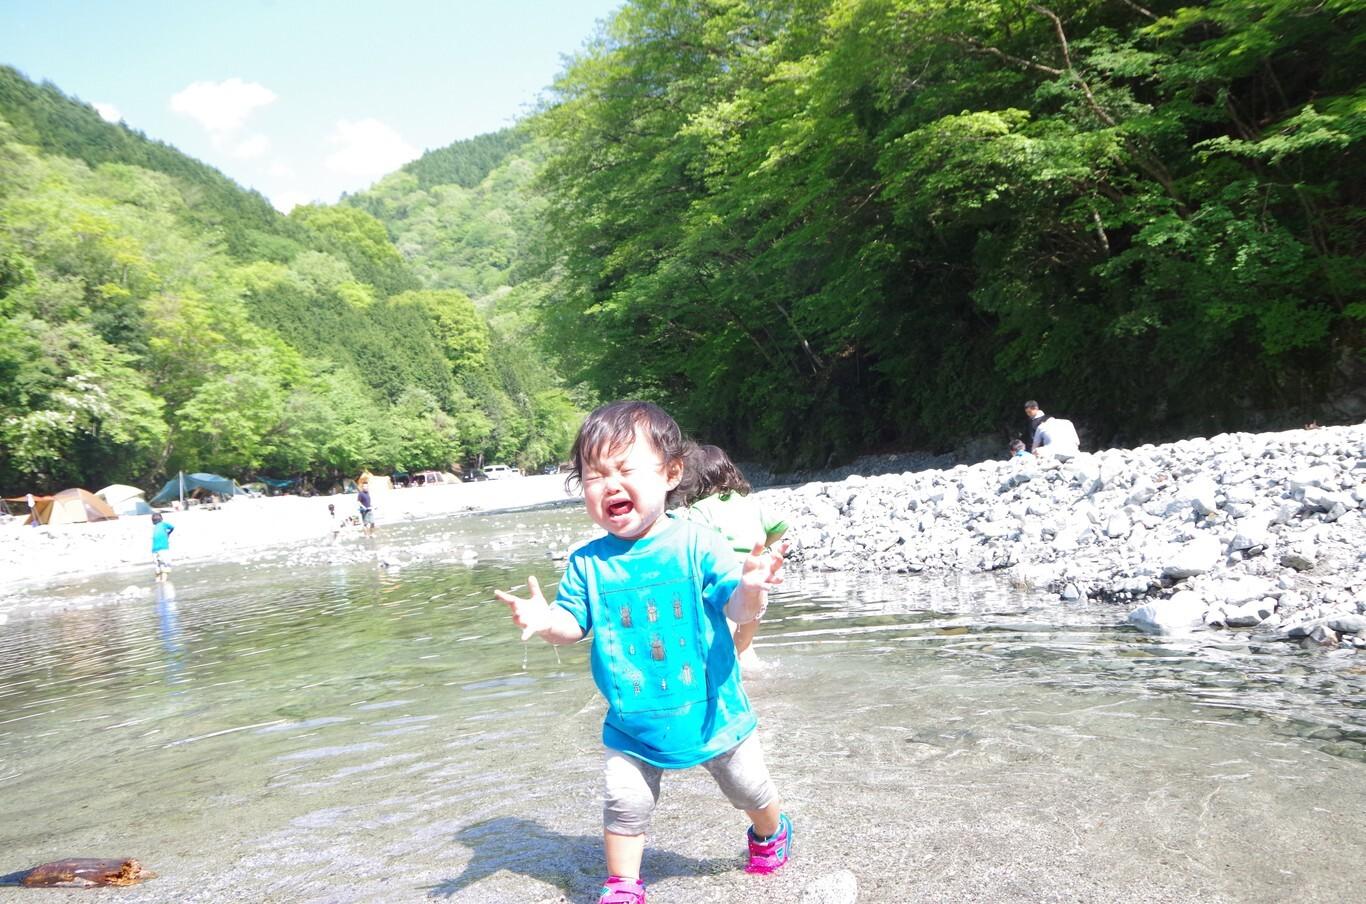 西丹沢 大滝キャンプ場 の写真p8683